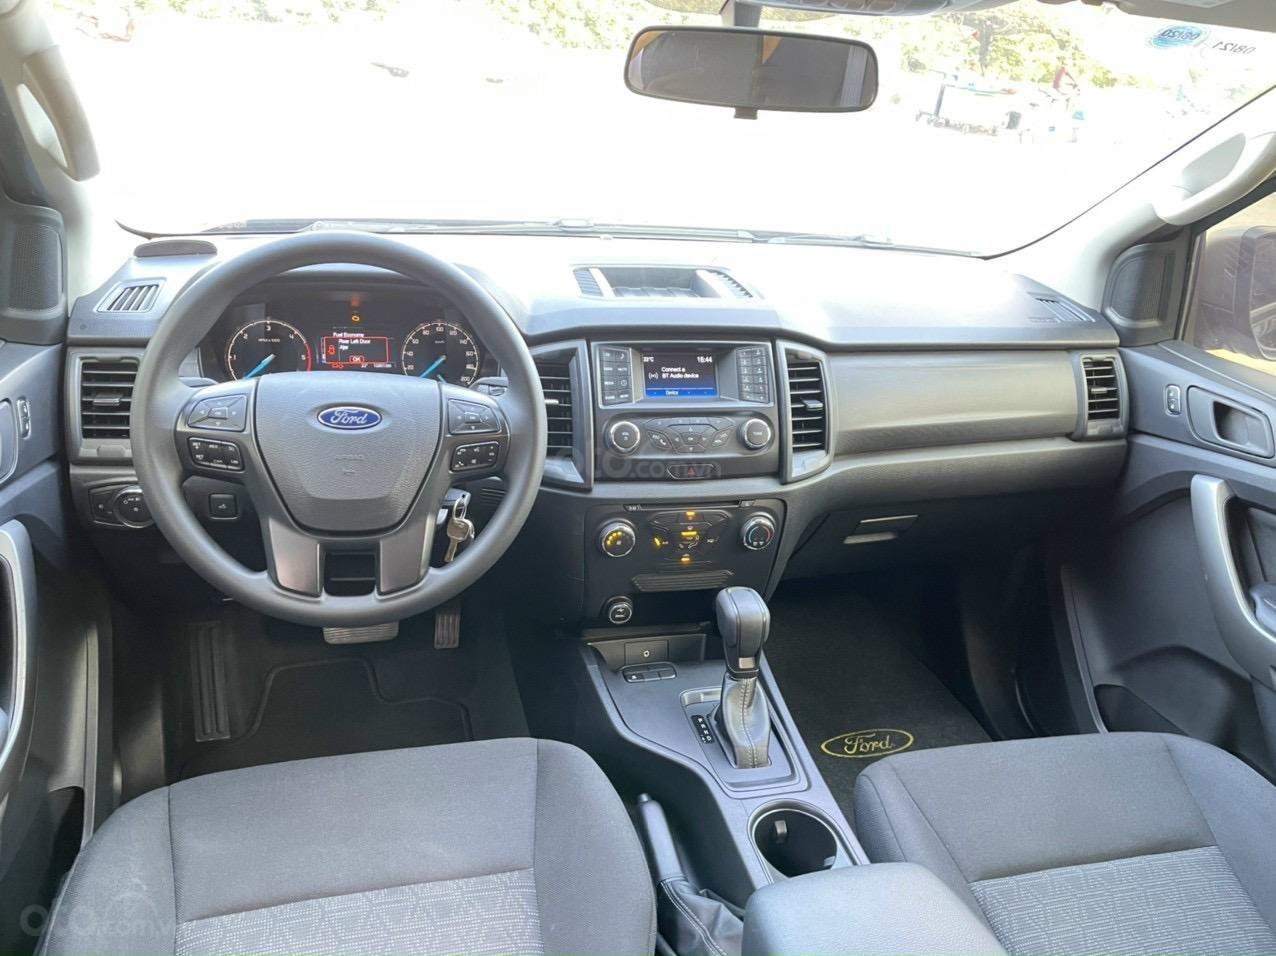 Ford Ranger XLS AT model 2020 - siêu lướt cực đẹp (10)